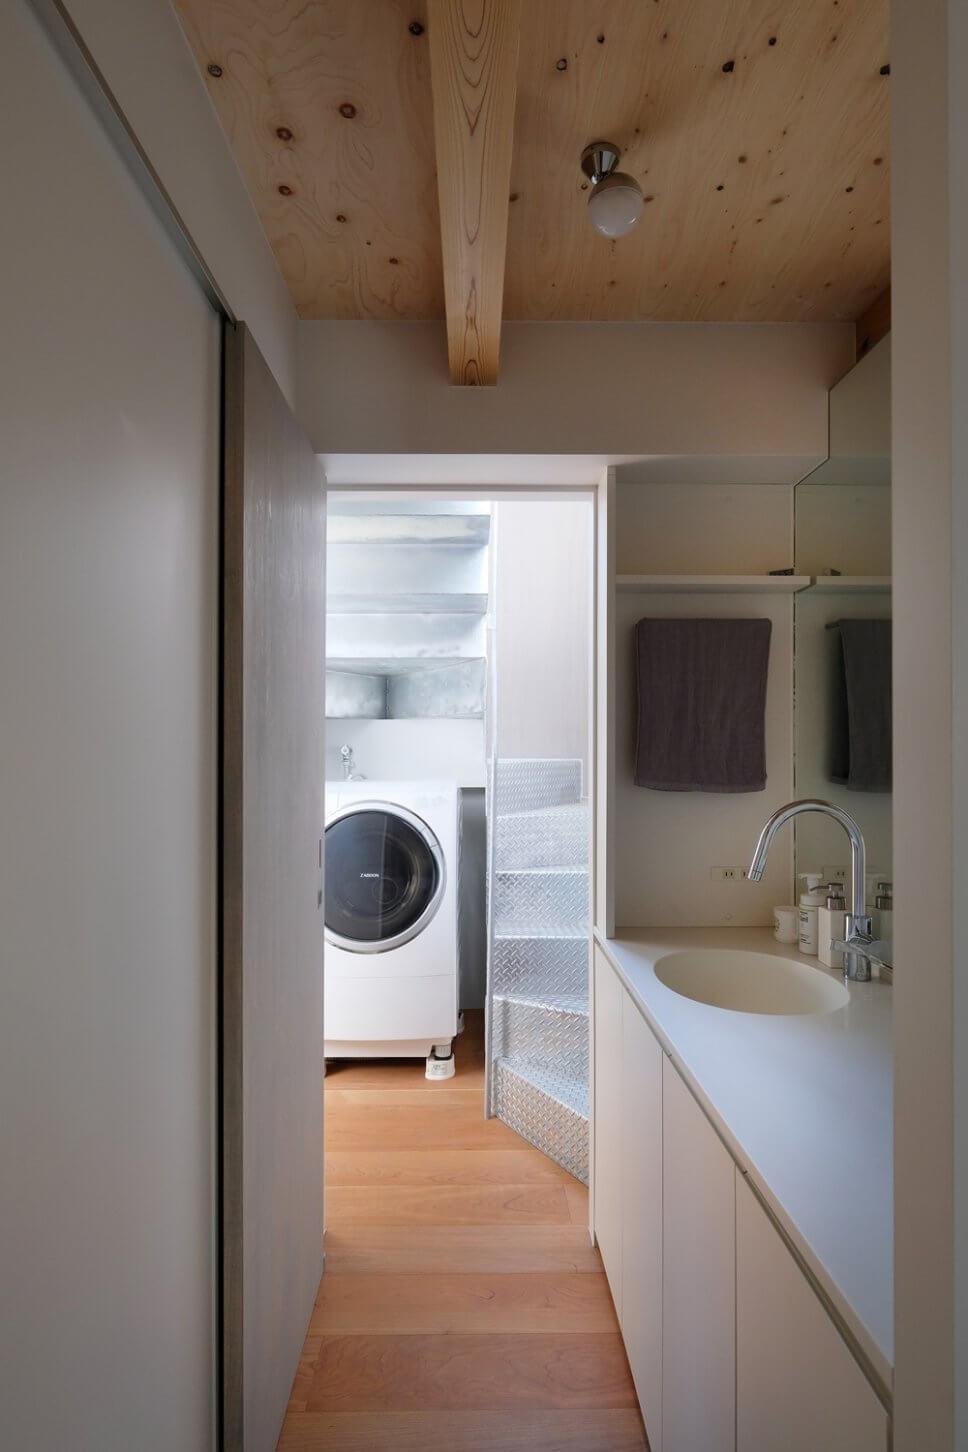 Modernes Badezimmer mit angrenzendem Waschmaschinenraum en Suite in Tiny House in Tokio